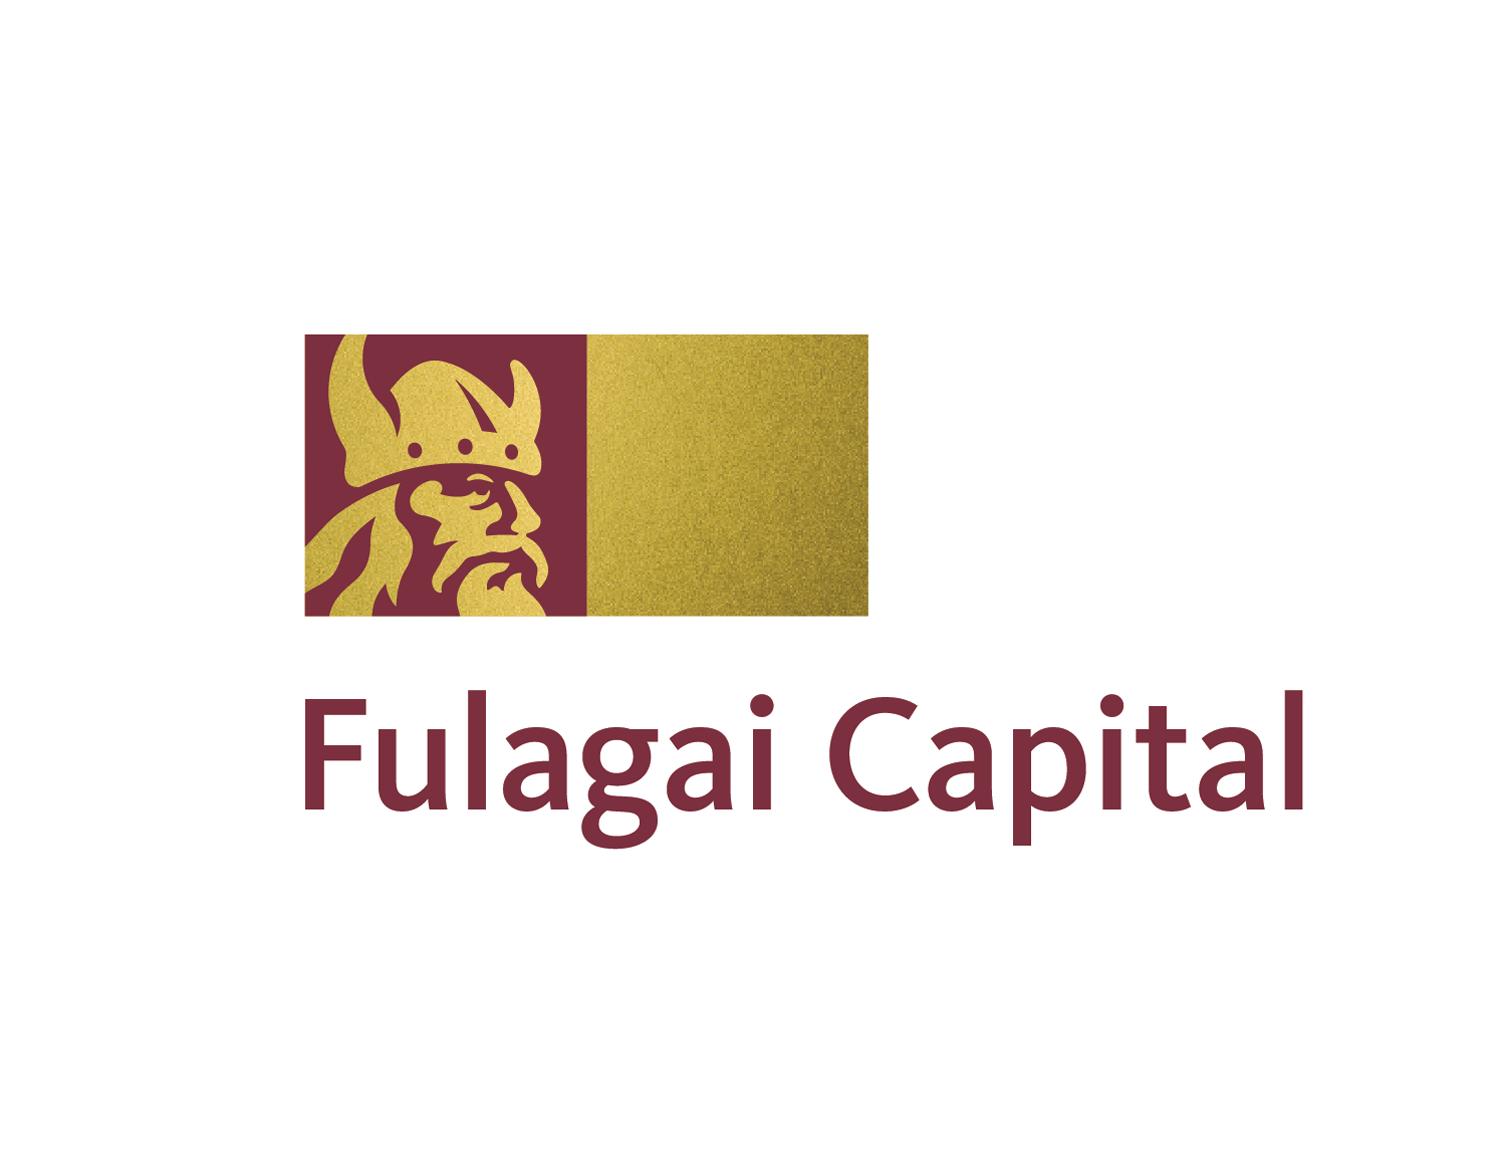 fulagai logo